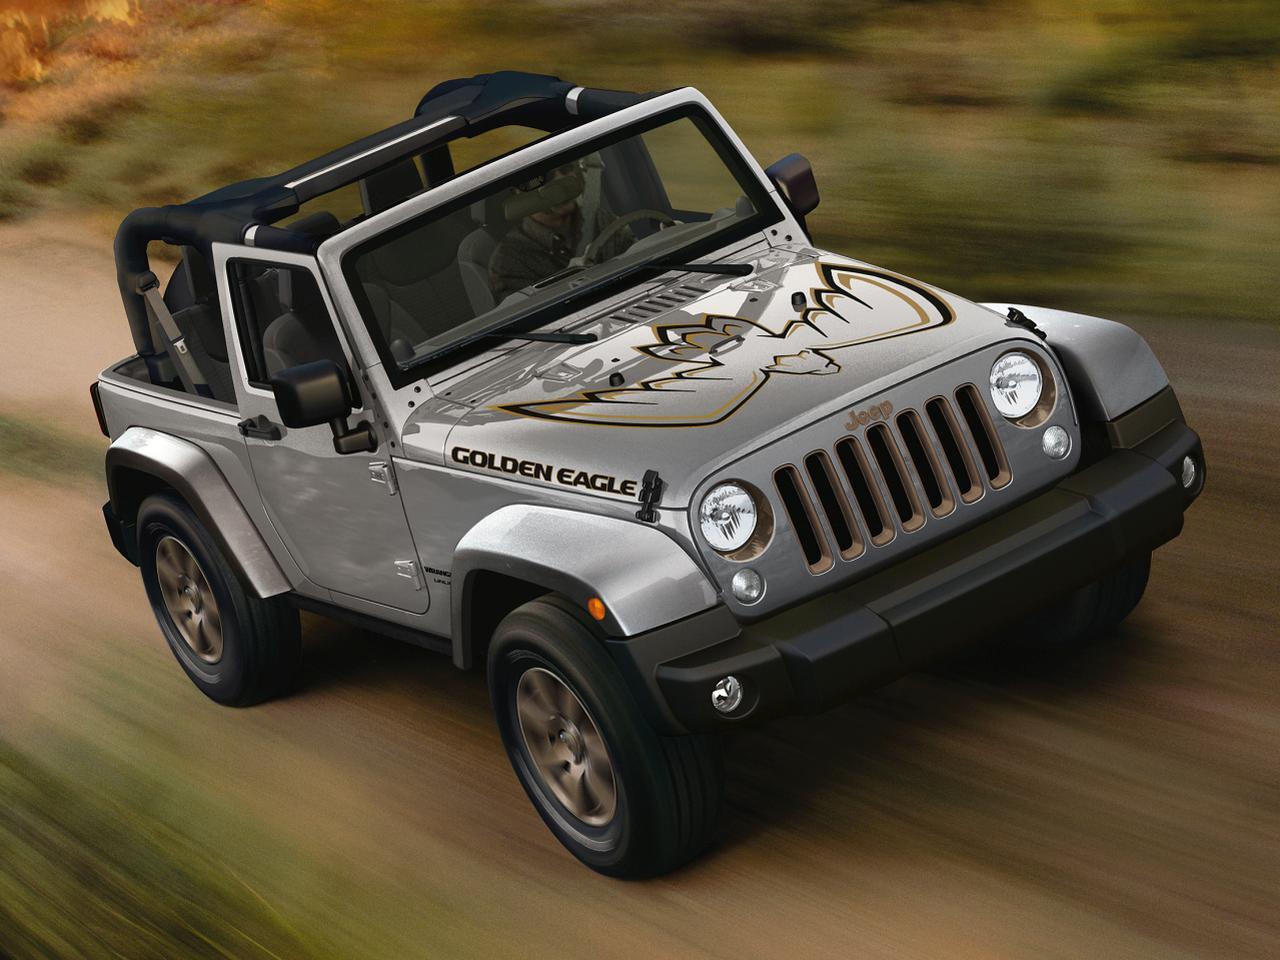 Bild zu Jeep Wrangler Golden Eagle